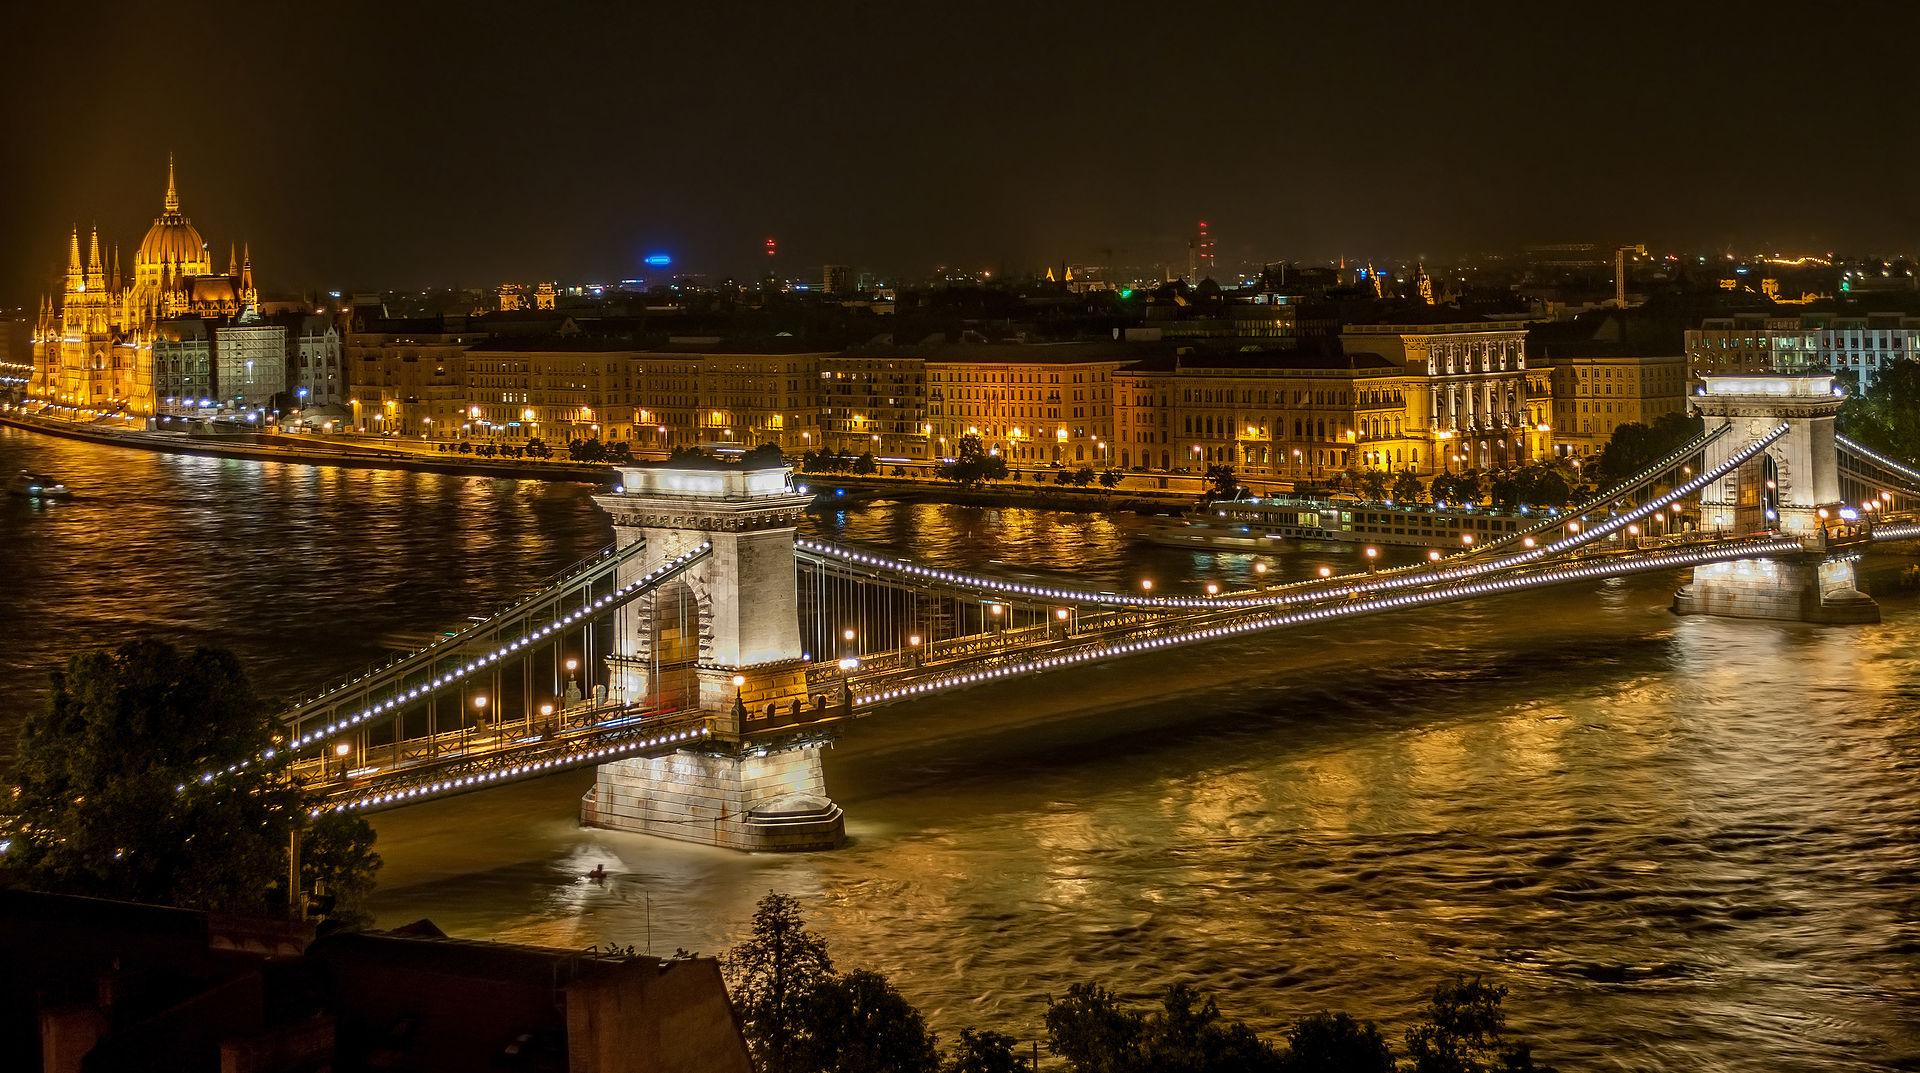 บูดาเปสต์-วิวยามค่ำคืน